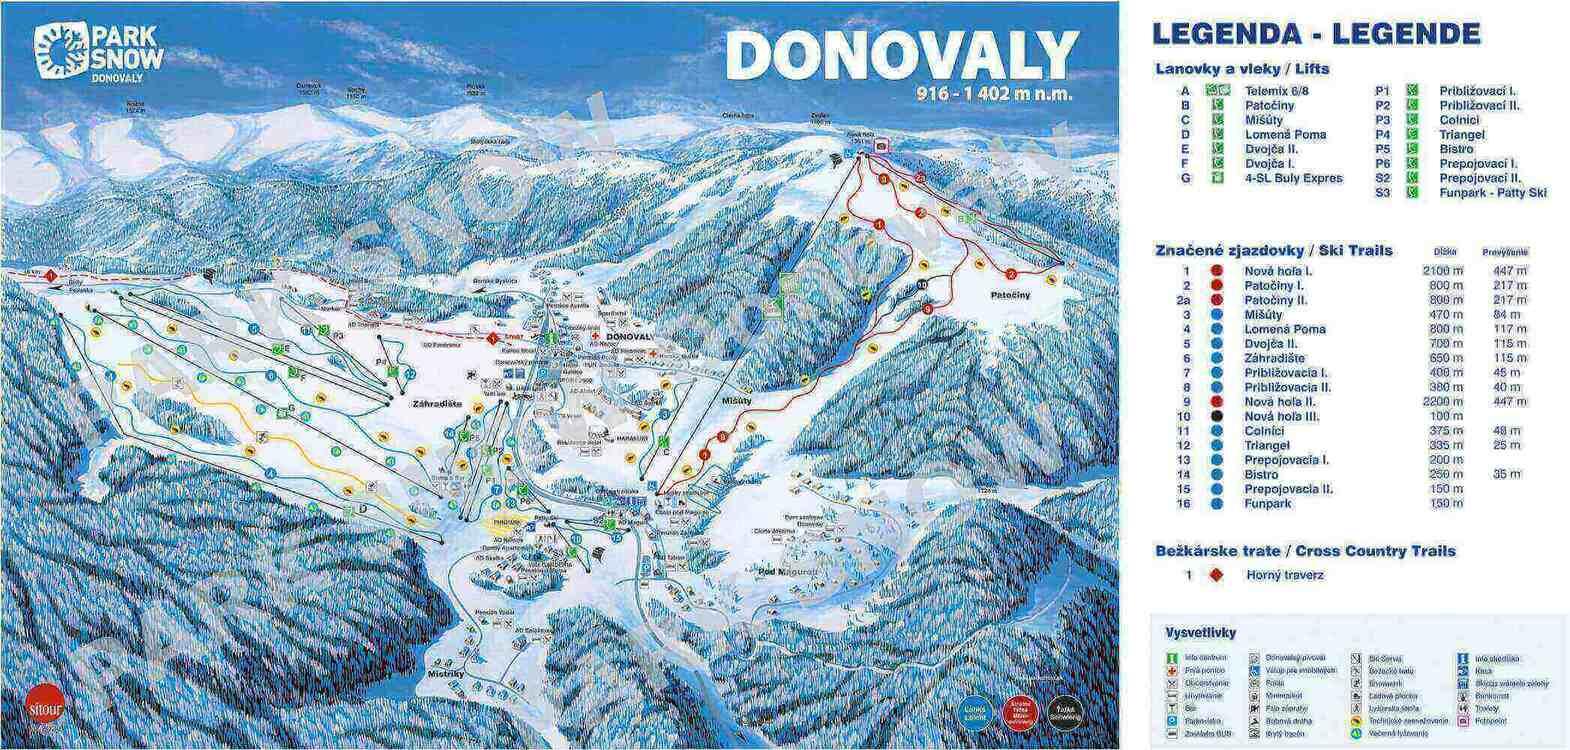 Trate a lanovky na Donovaloch